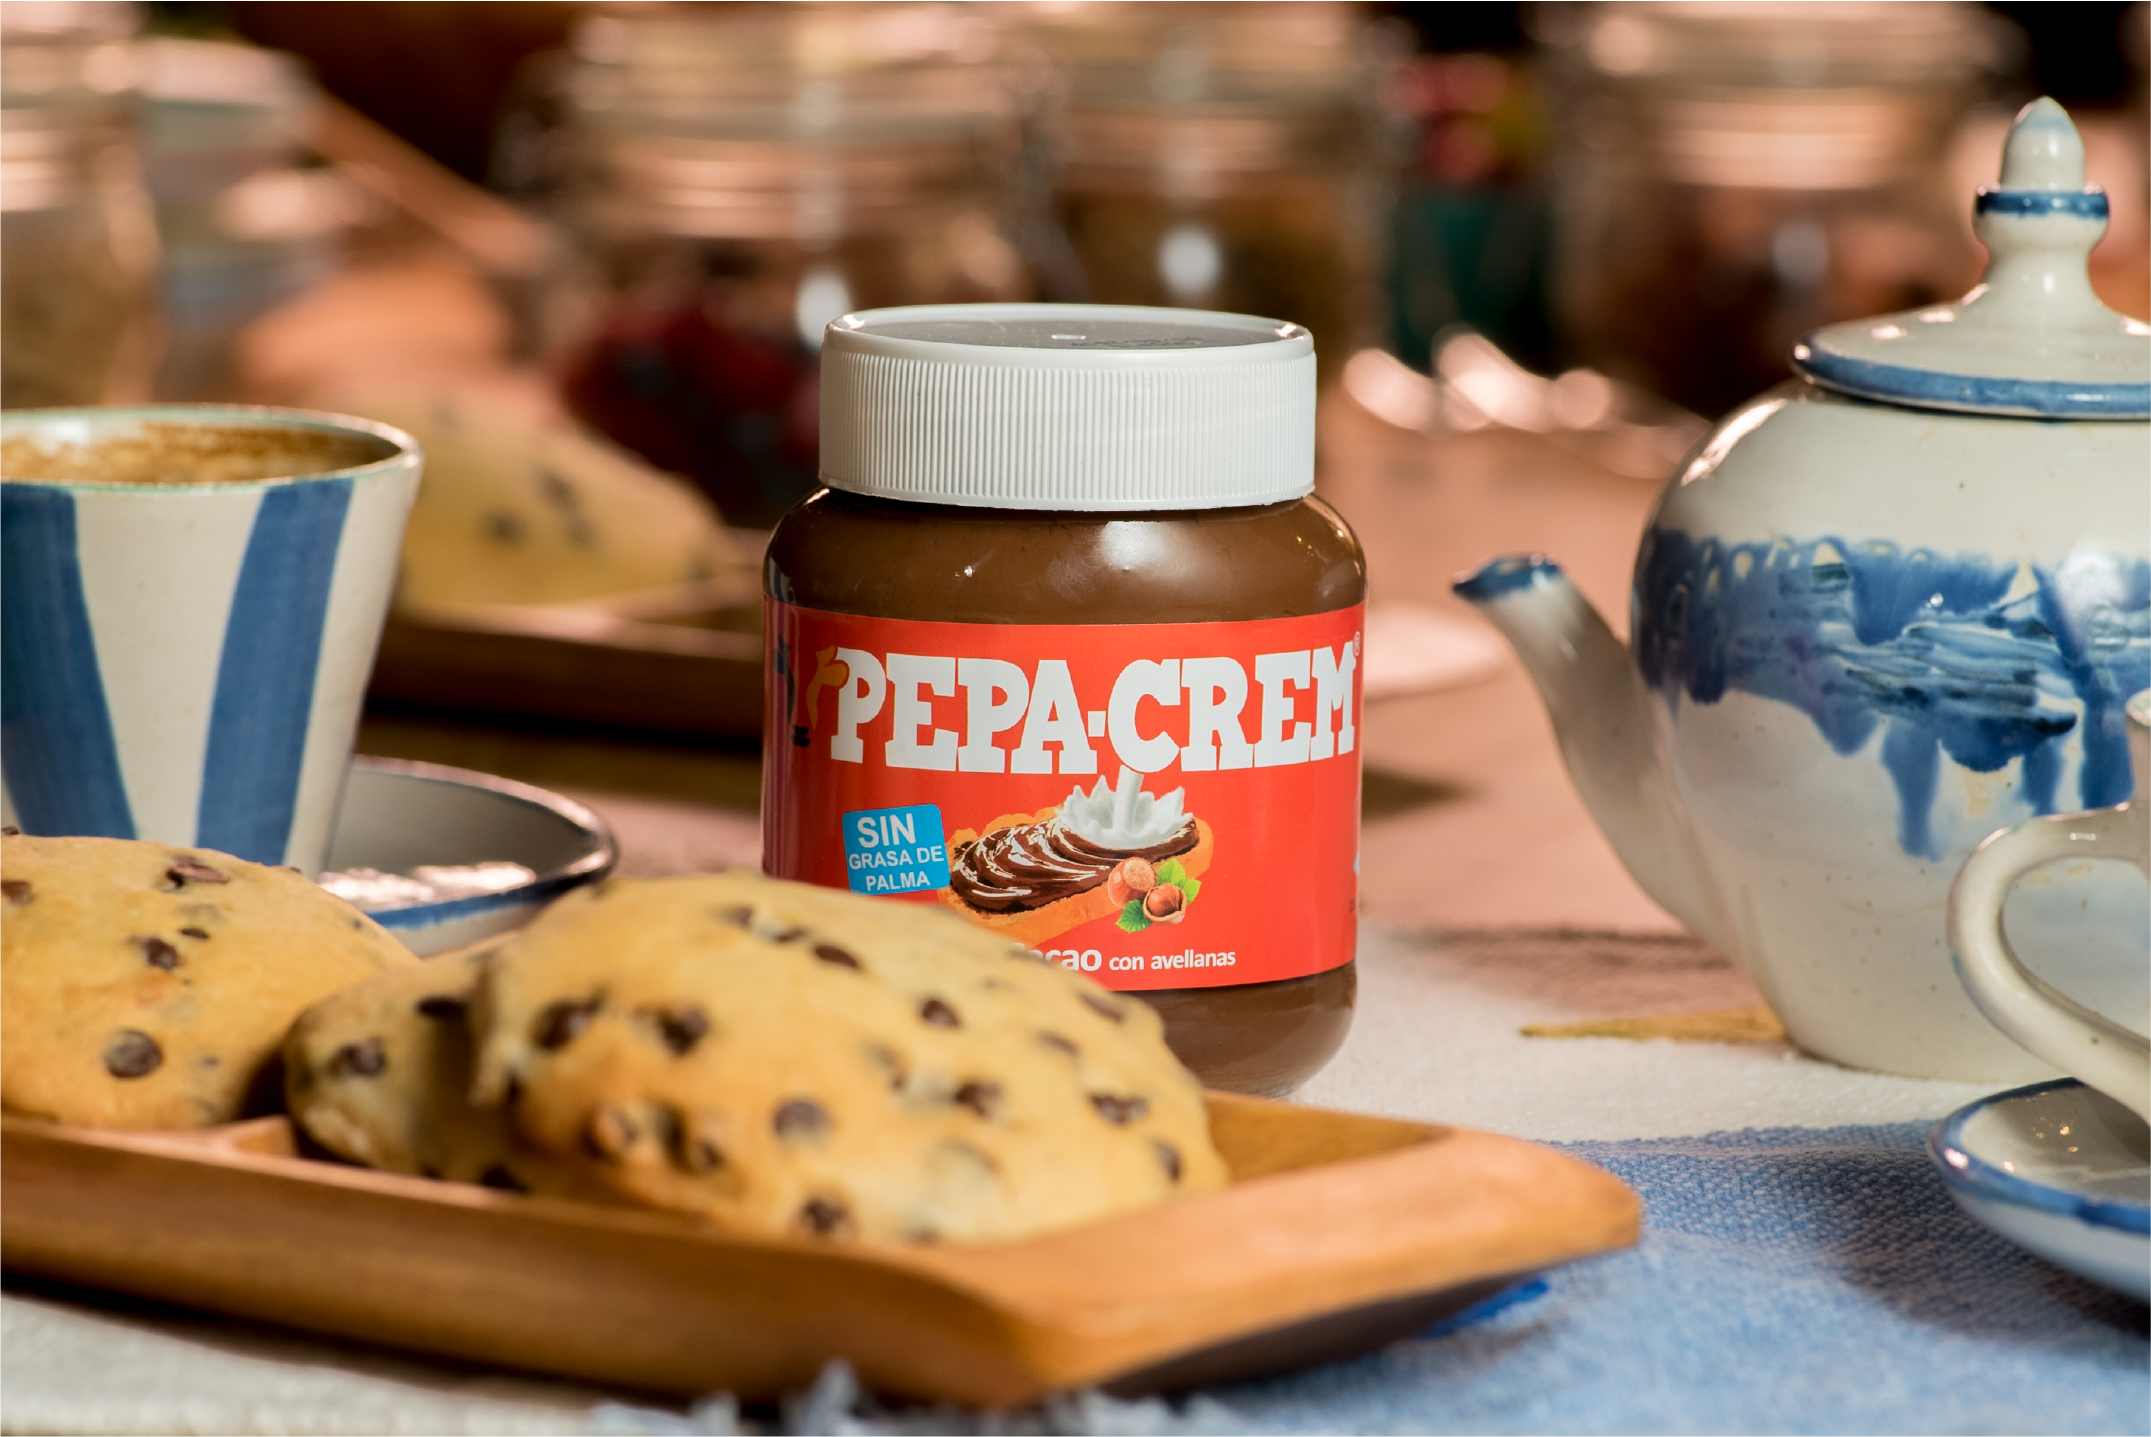 Шоколадная паста из Севильи бьет рекорды продаж на Amazon